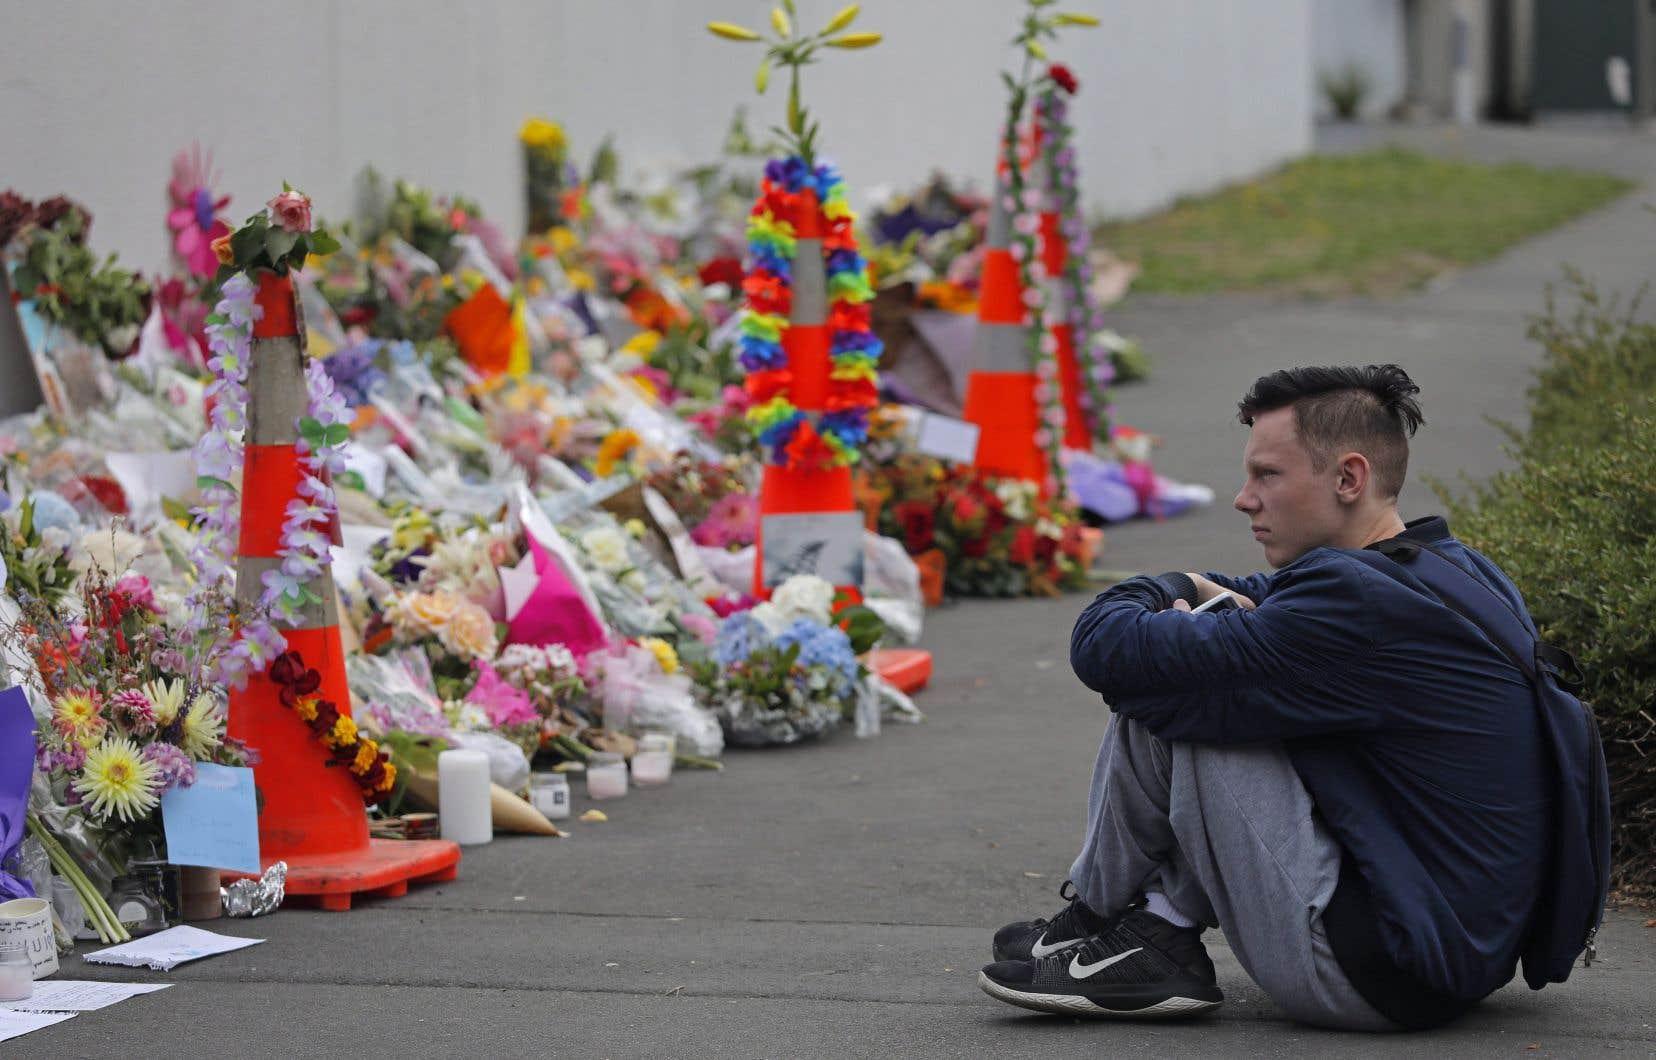 Après l'attentat de mars 2019 en Nouvelle-Zélande contre deux mosquées,le premier ministre Justin Trudeau avait annoncé que le Canada avait pris des mesures importantes pour lutter contre la discrimination et la haine.